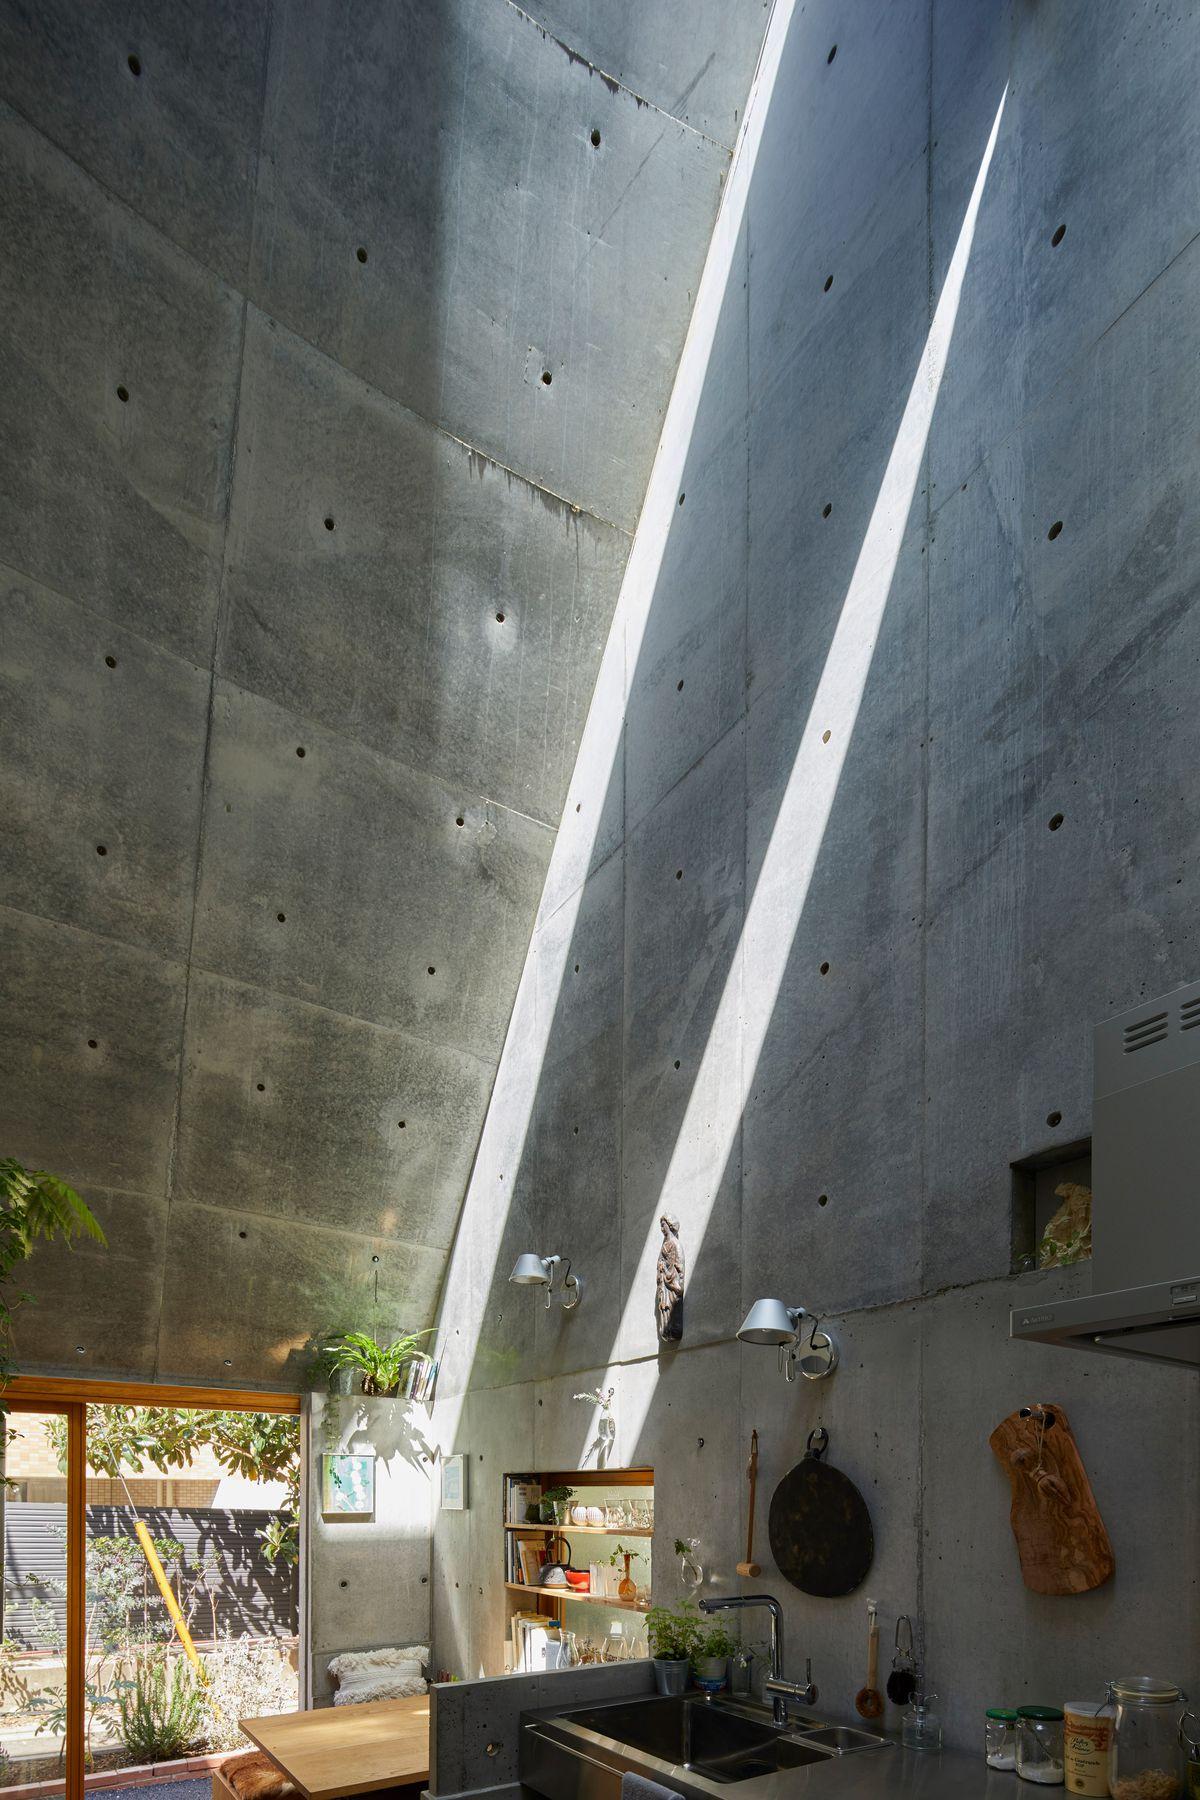 Light casting down concrete walls